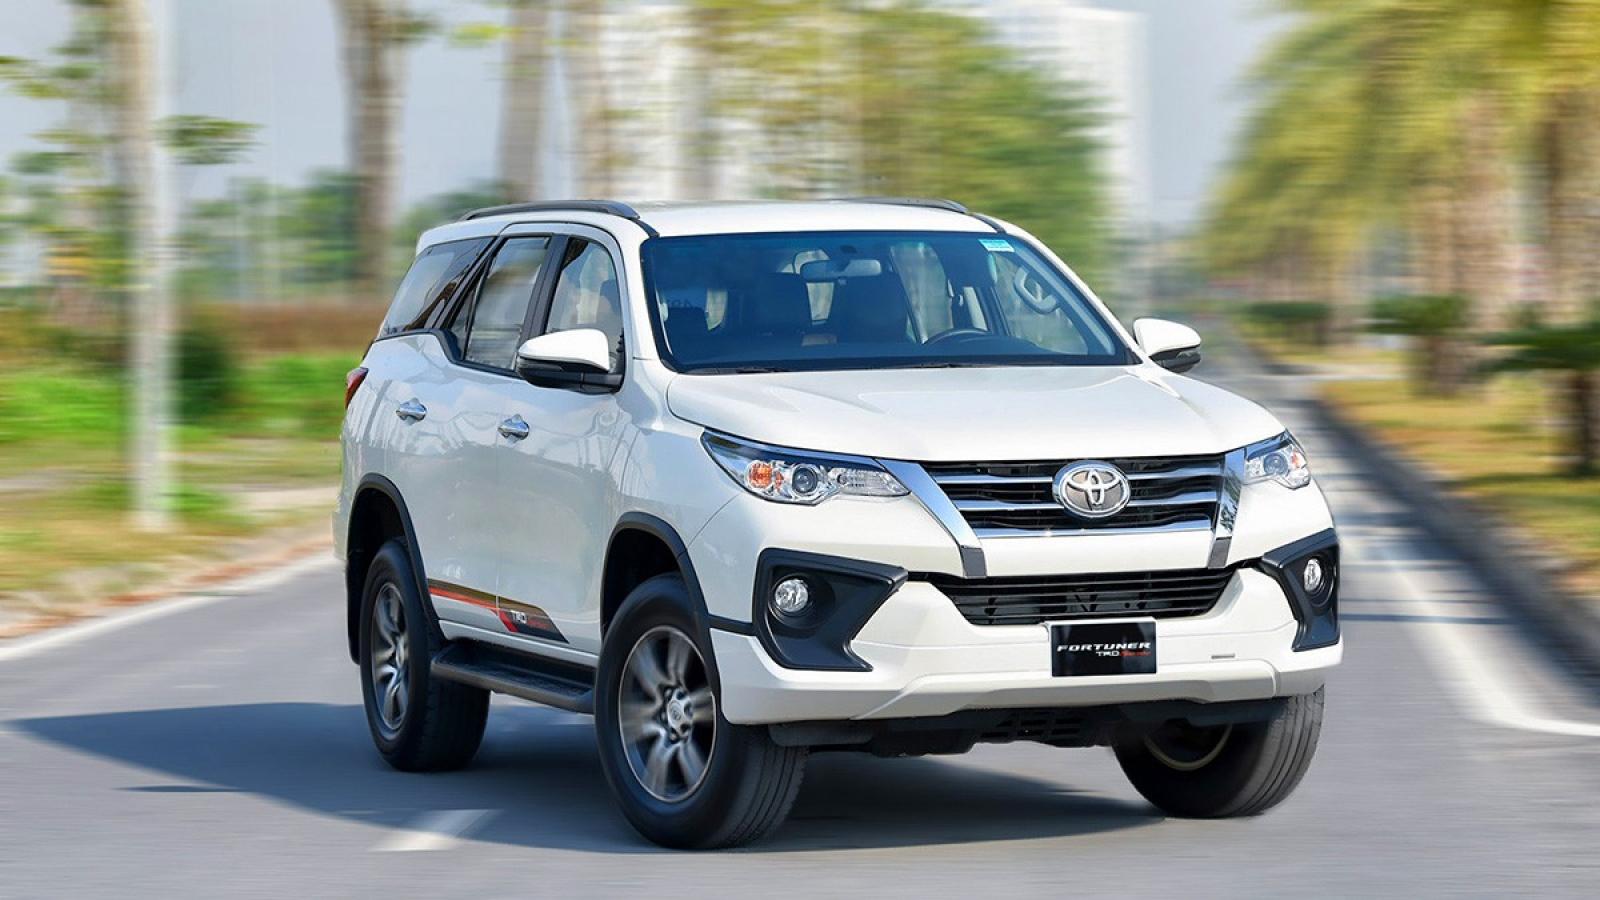 Gần 200 xe Toyota Fortuner phải triệu hồi do lỗi ống chân không bầu trợ lực phanh